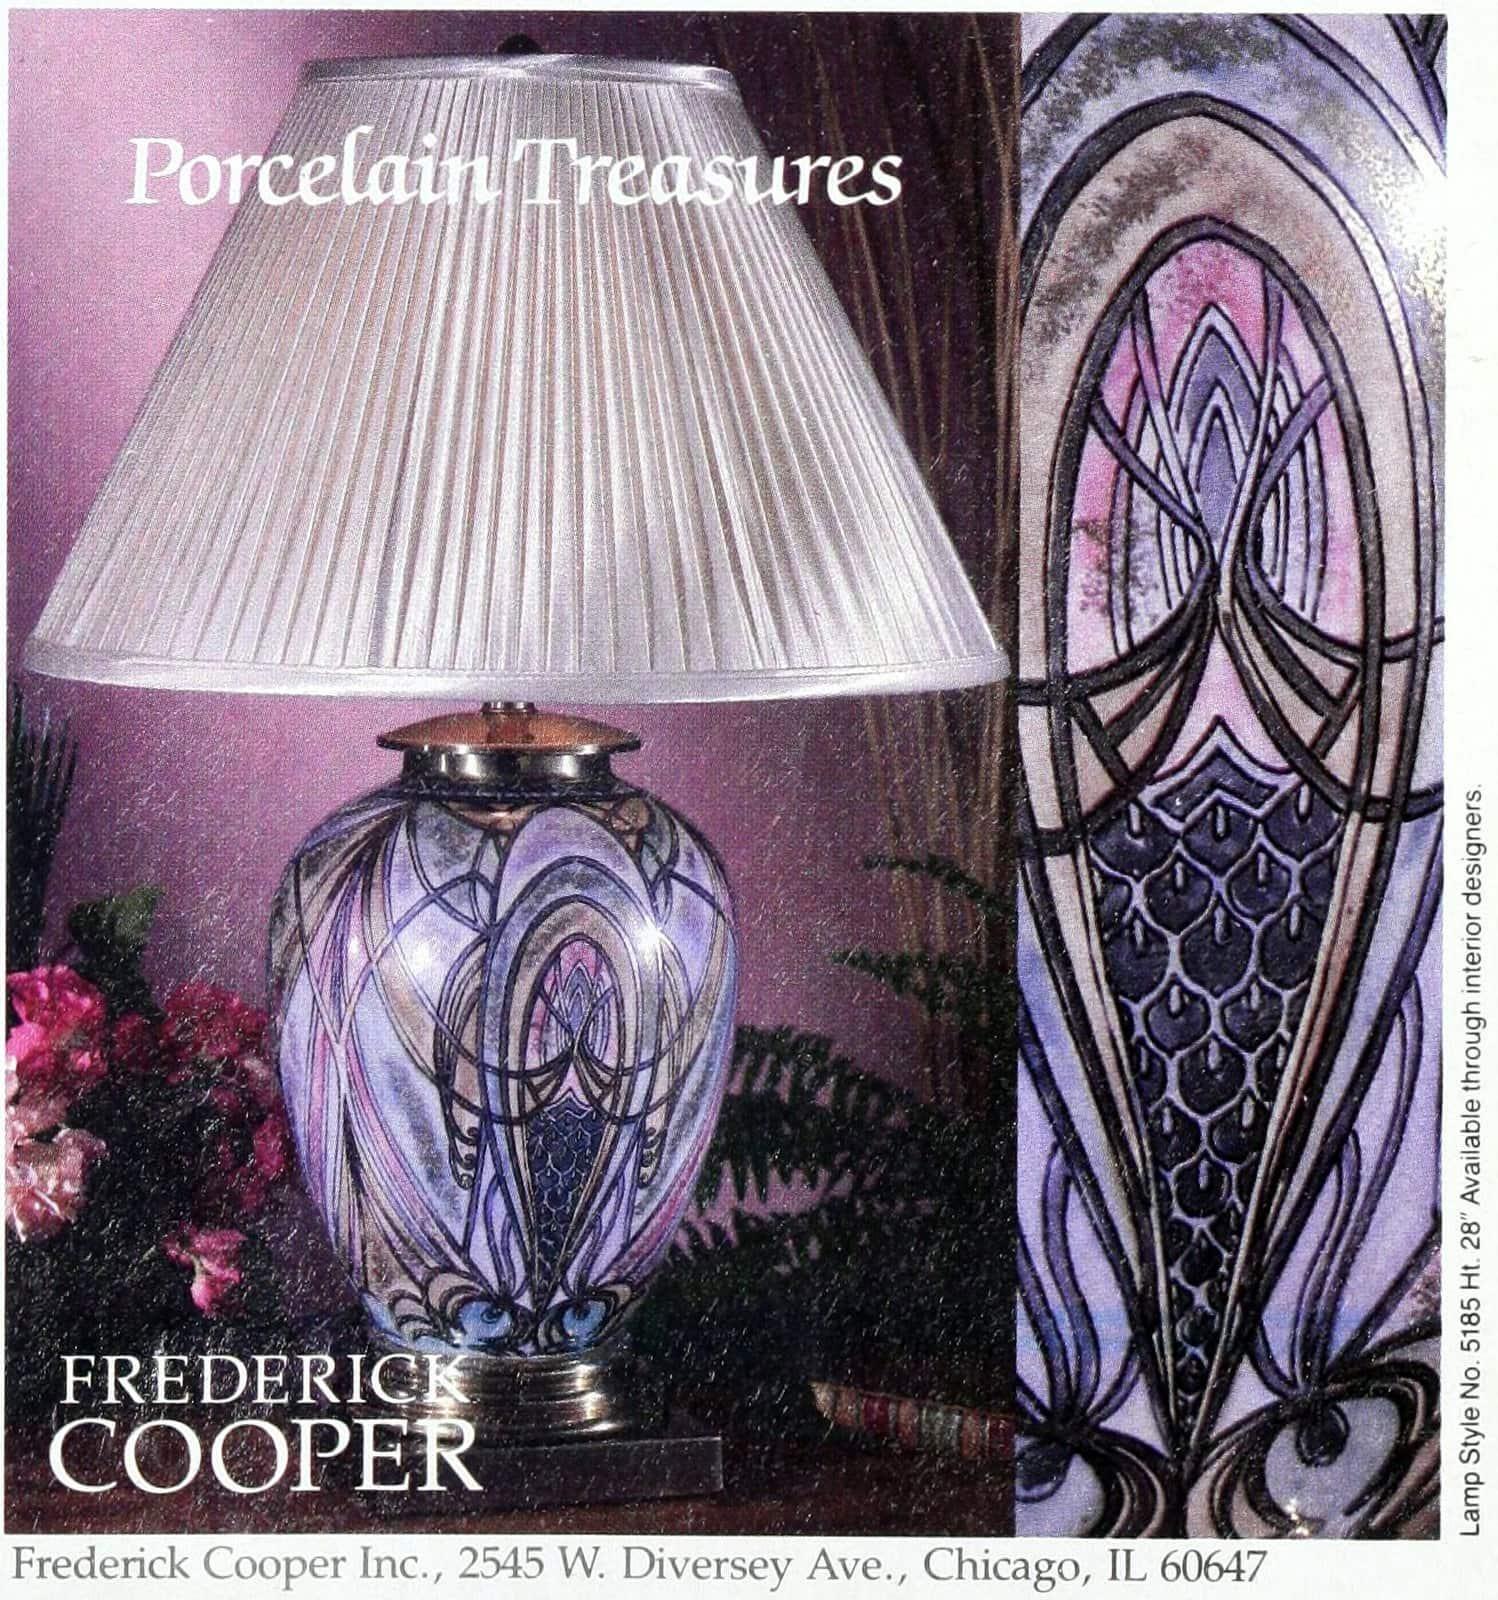 Vintage Frederick Cooper porcelain table lamp (1989)